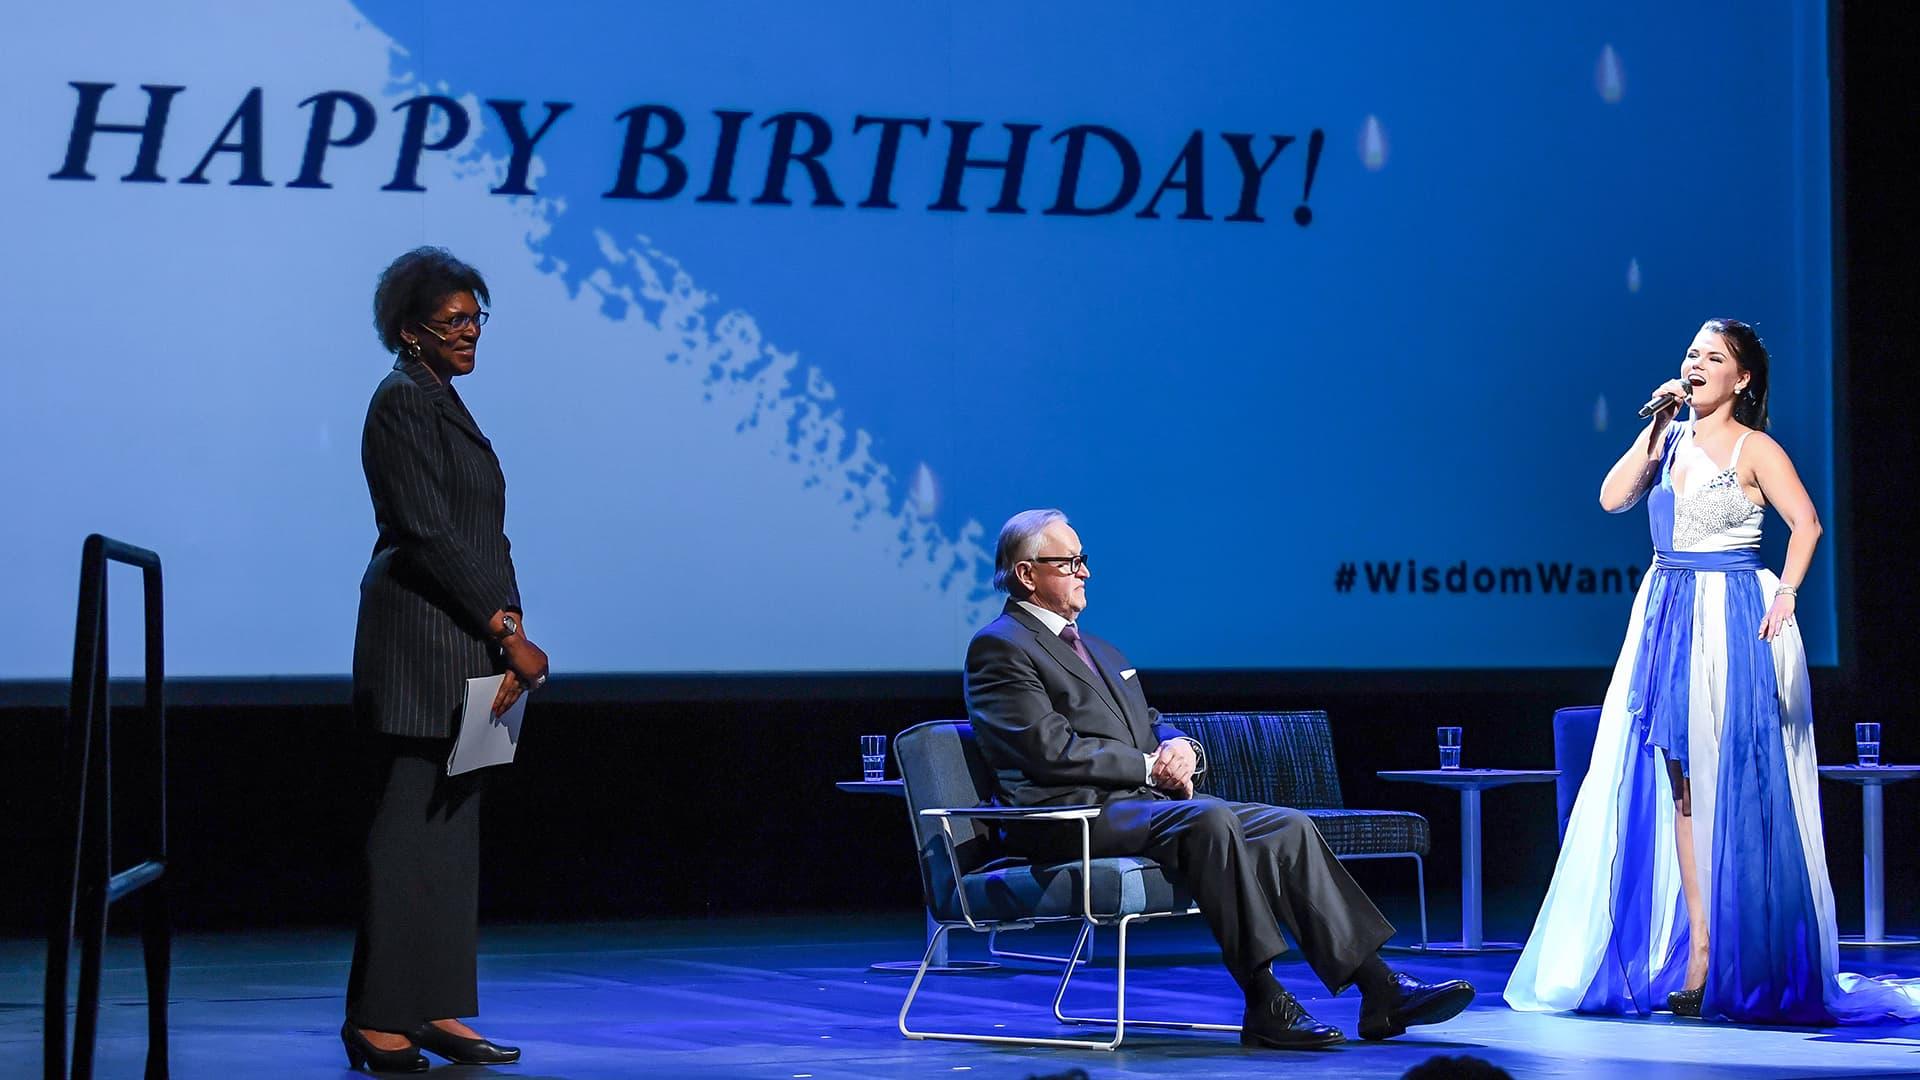 Uutisvideot: Saara Aalto tulkitsi syntymäpäivälaulun 80 vuotta täyttävälle presidentti Ahtisaarelle